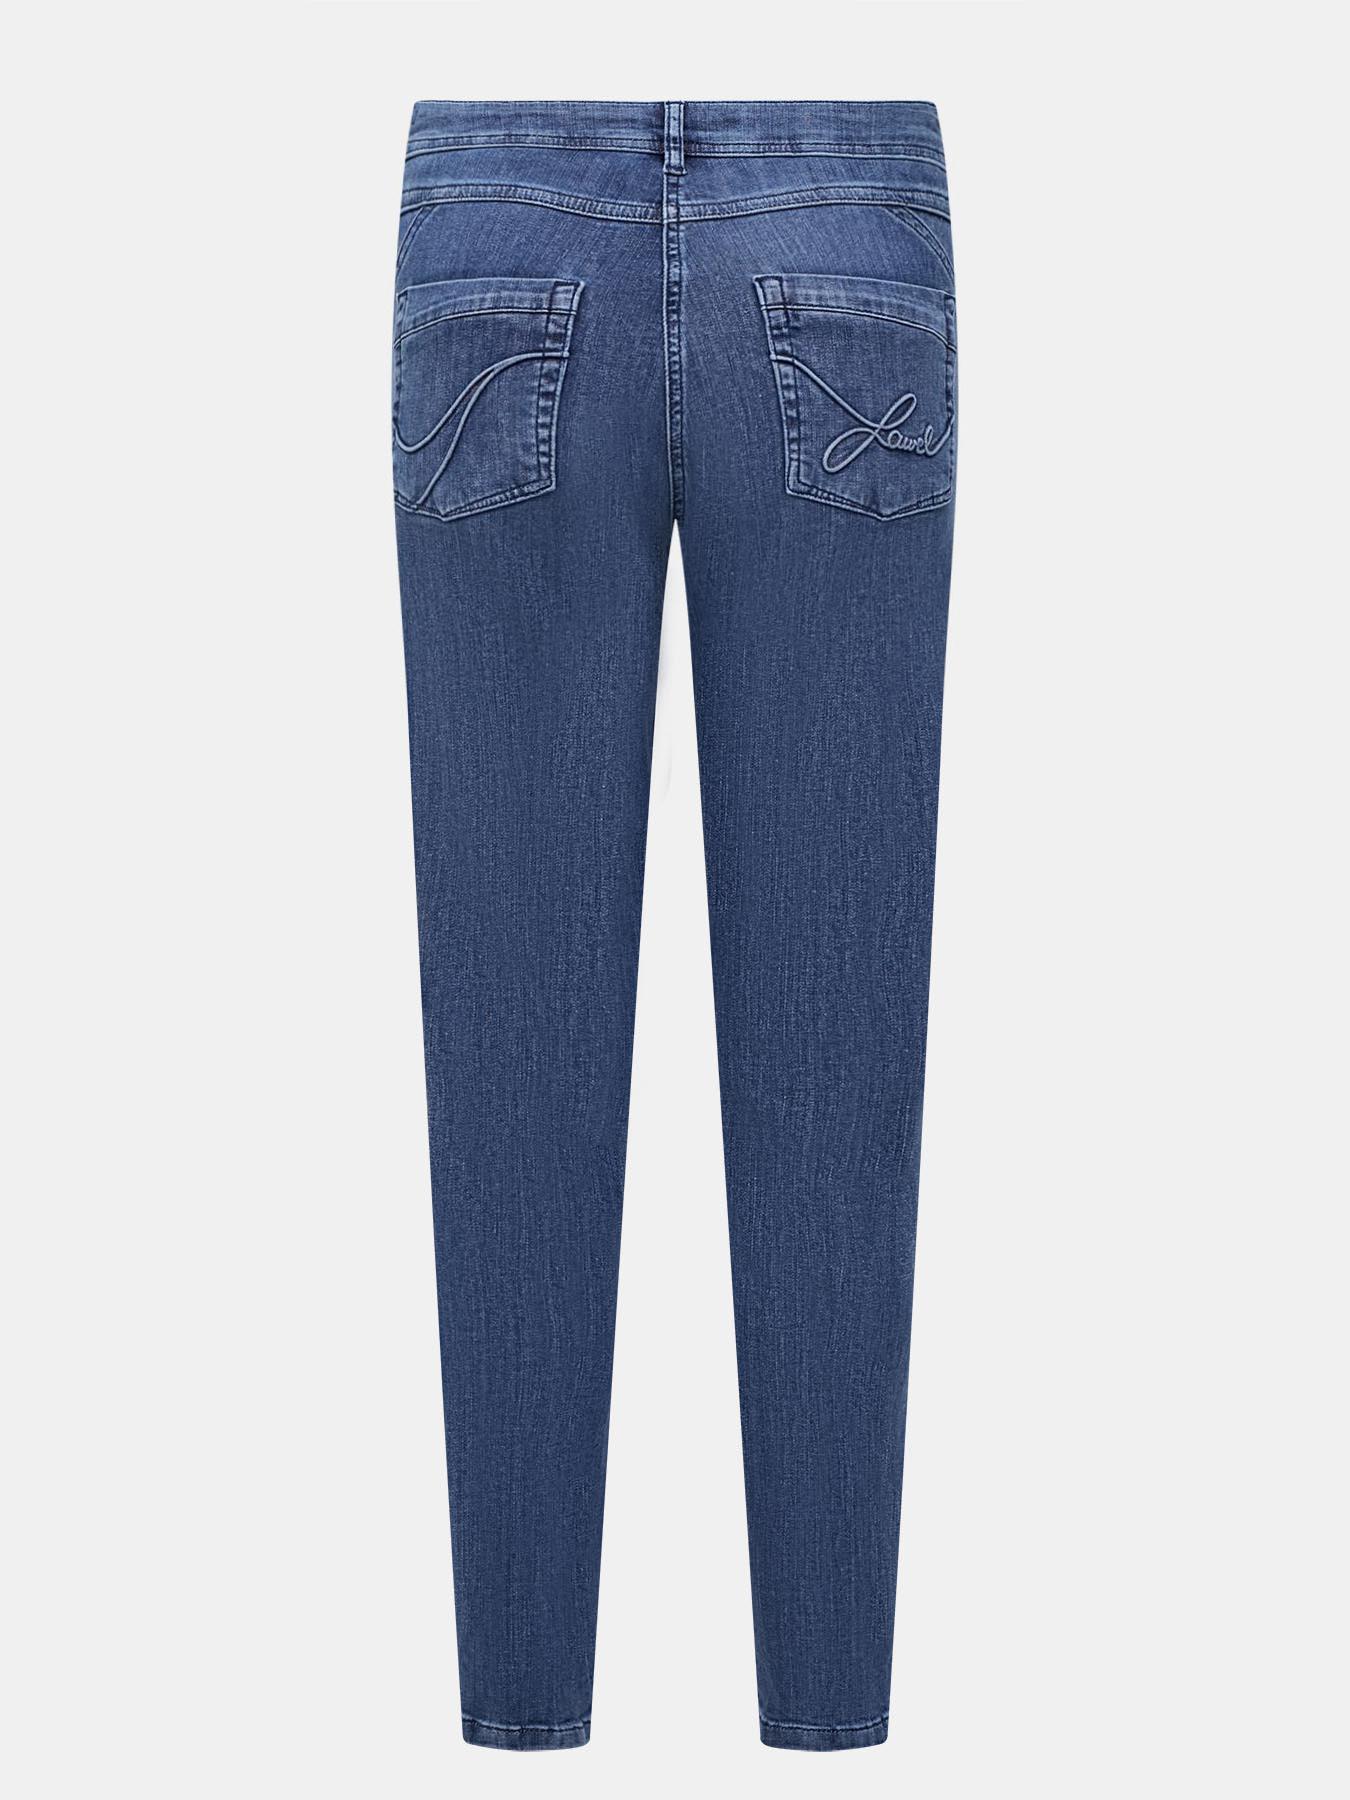 Брюки Laurel Джинсы джинсы wrangler джинсы arizona